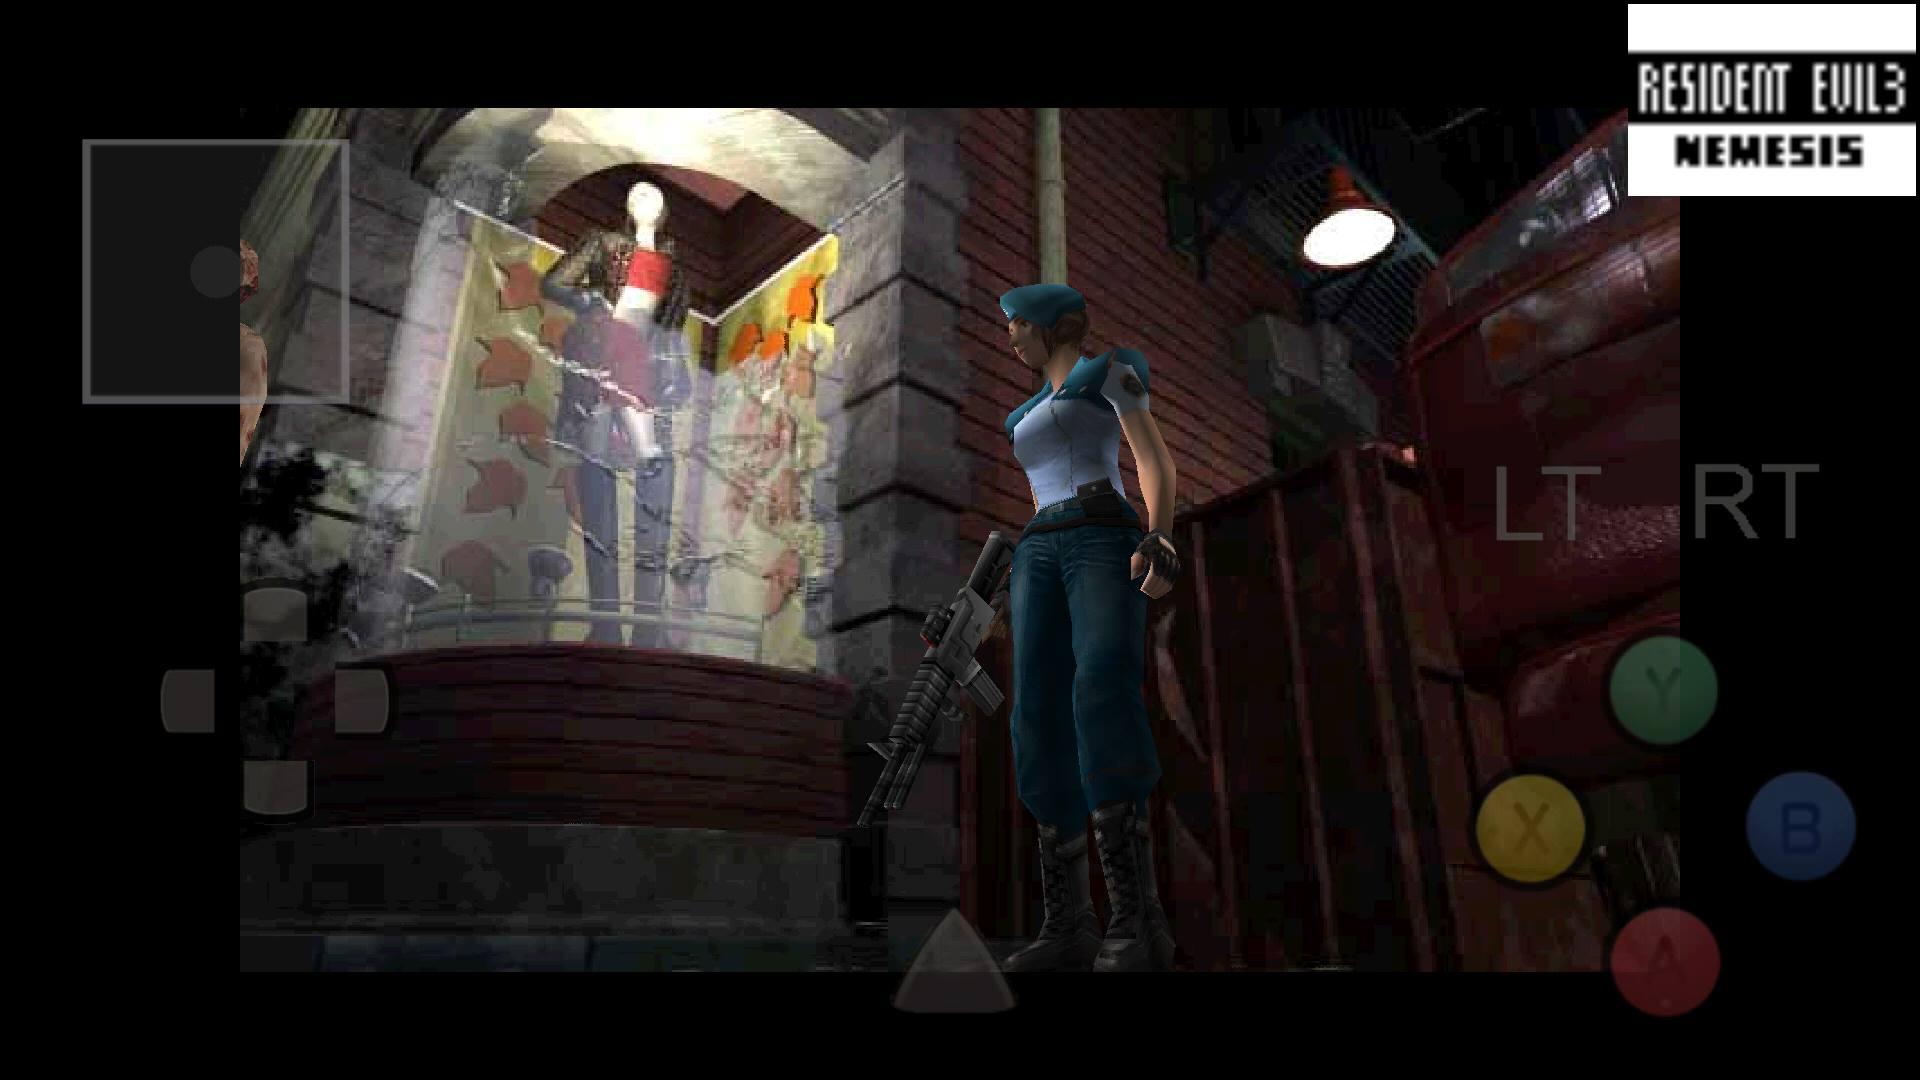 Resident Evil 3 - Nemesis (United Kingdom) ISO < DC ISOs | Emuparadise